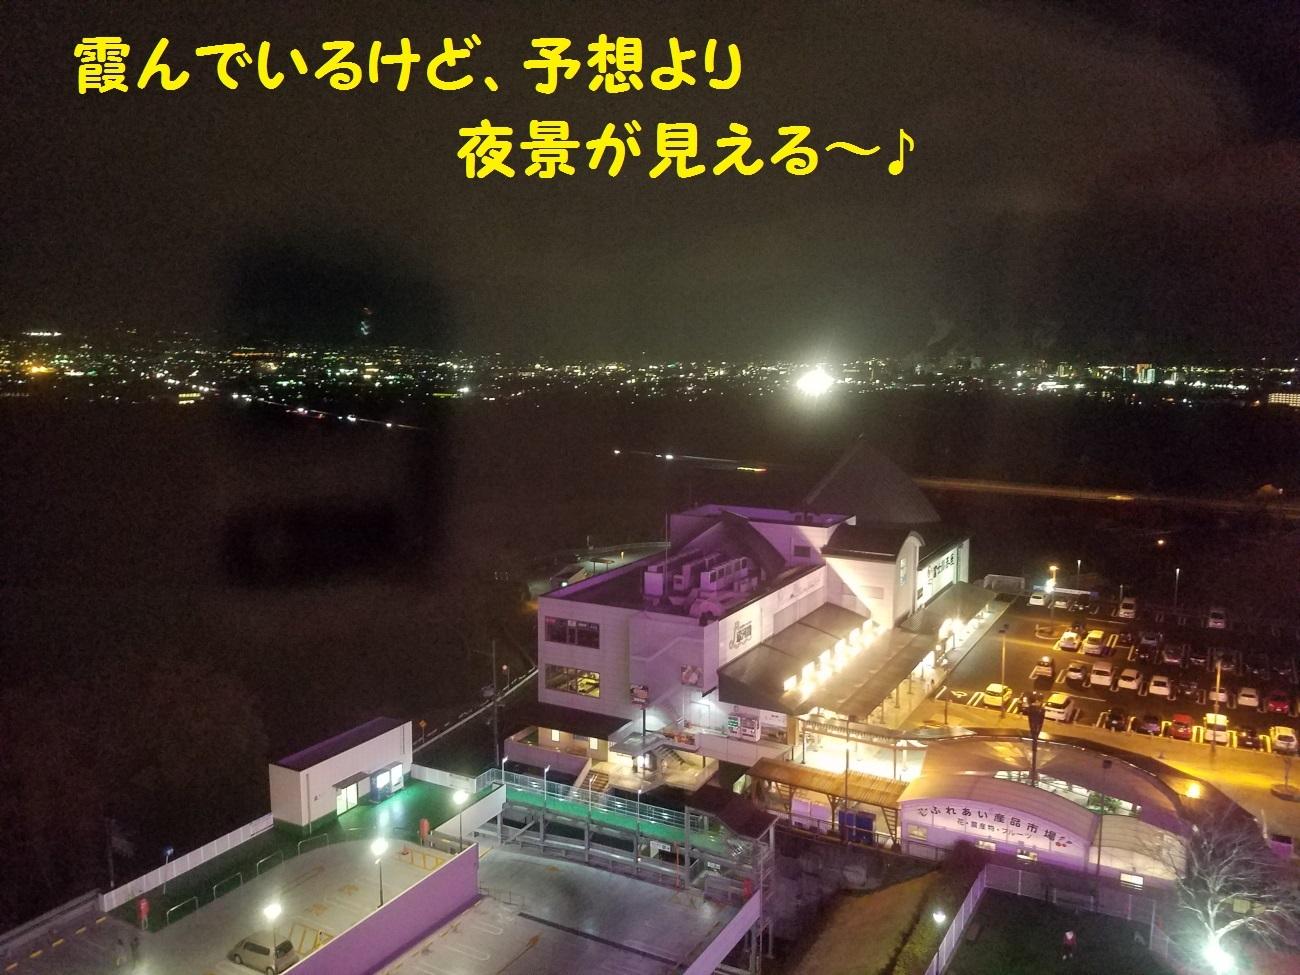 5_2017052216250262f.jpg